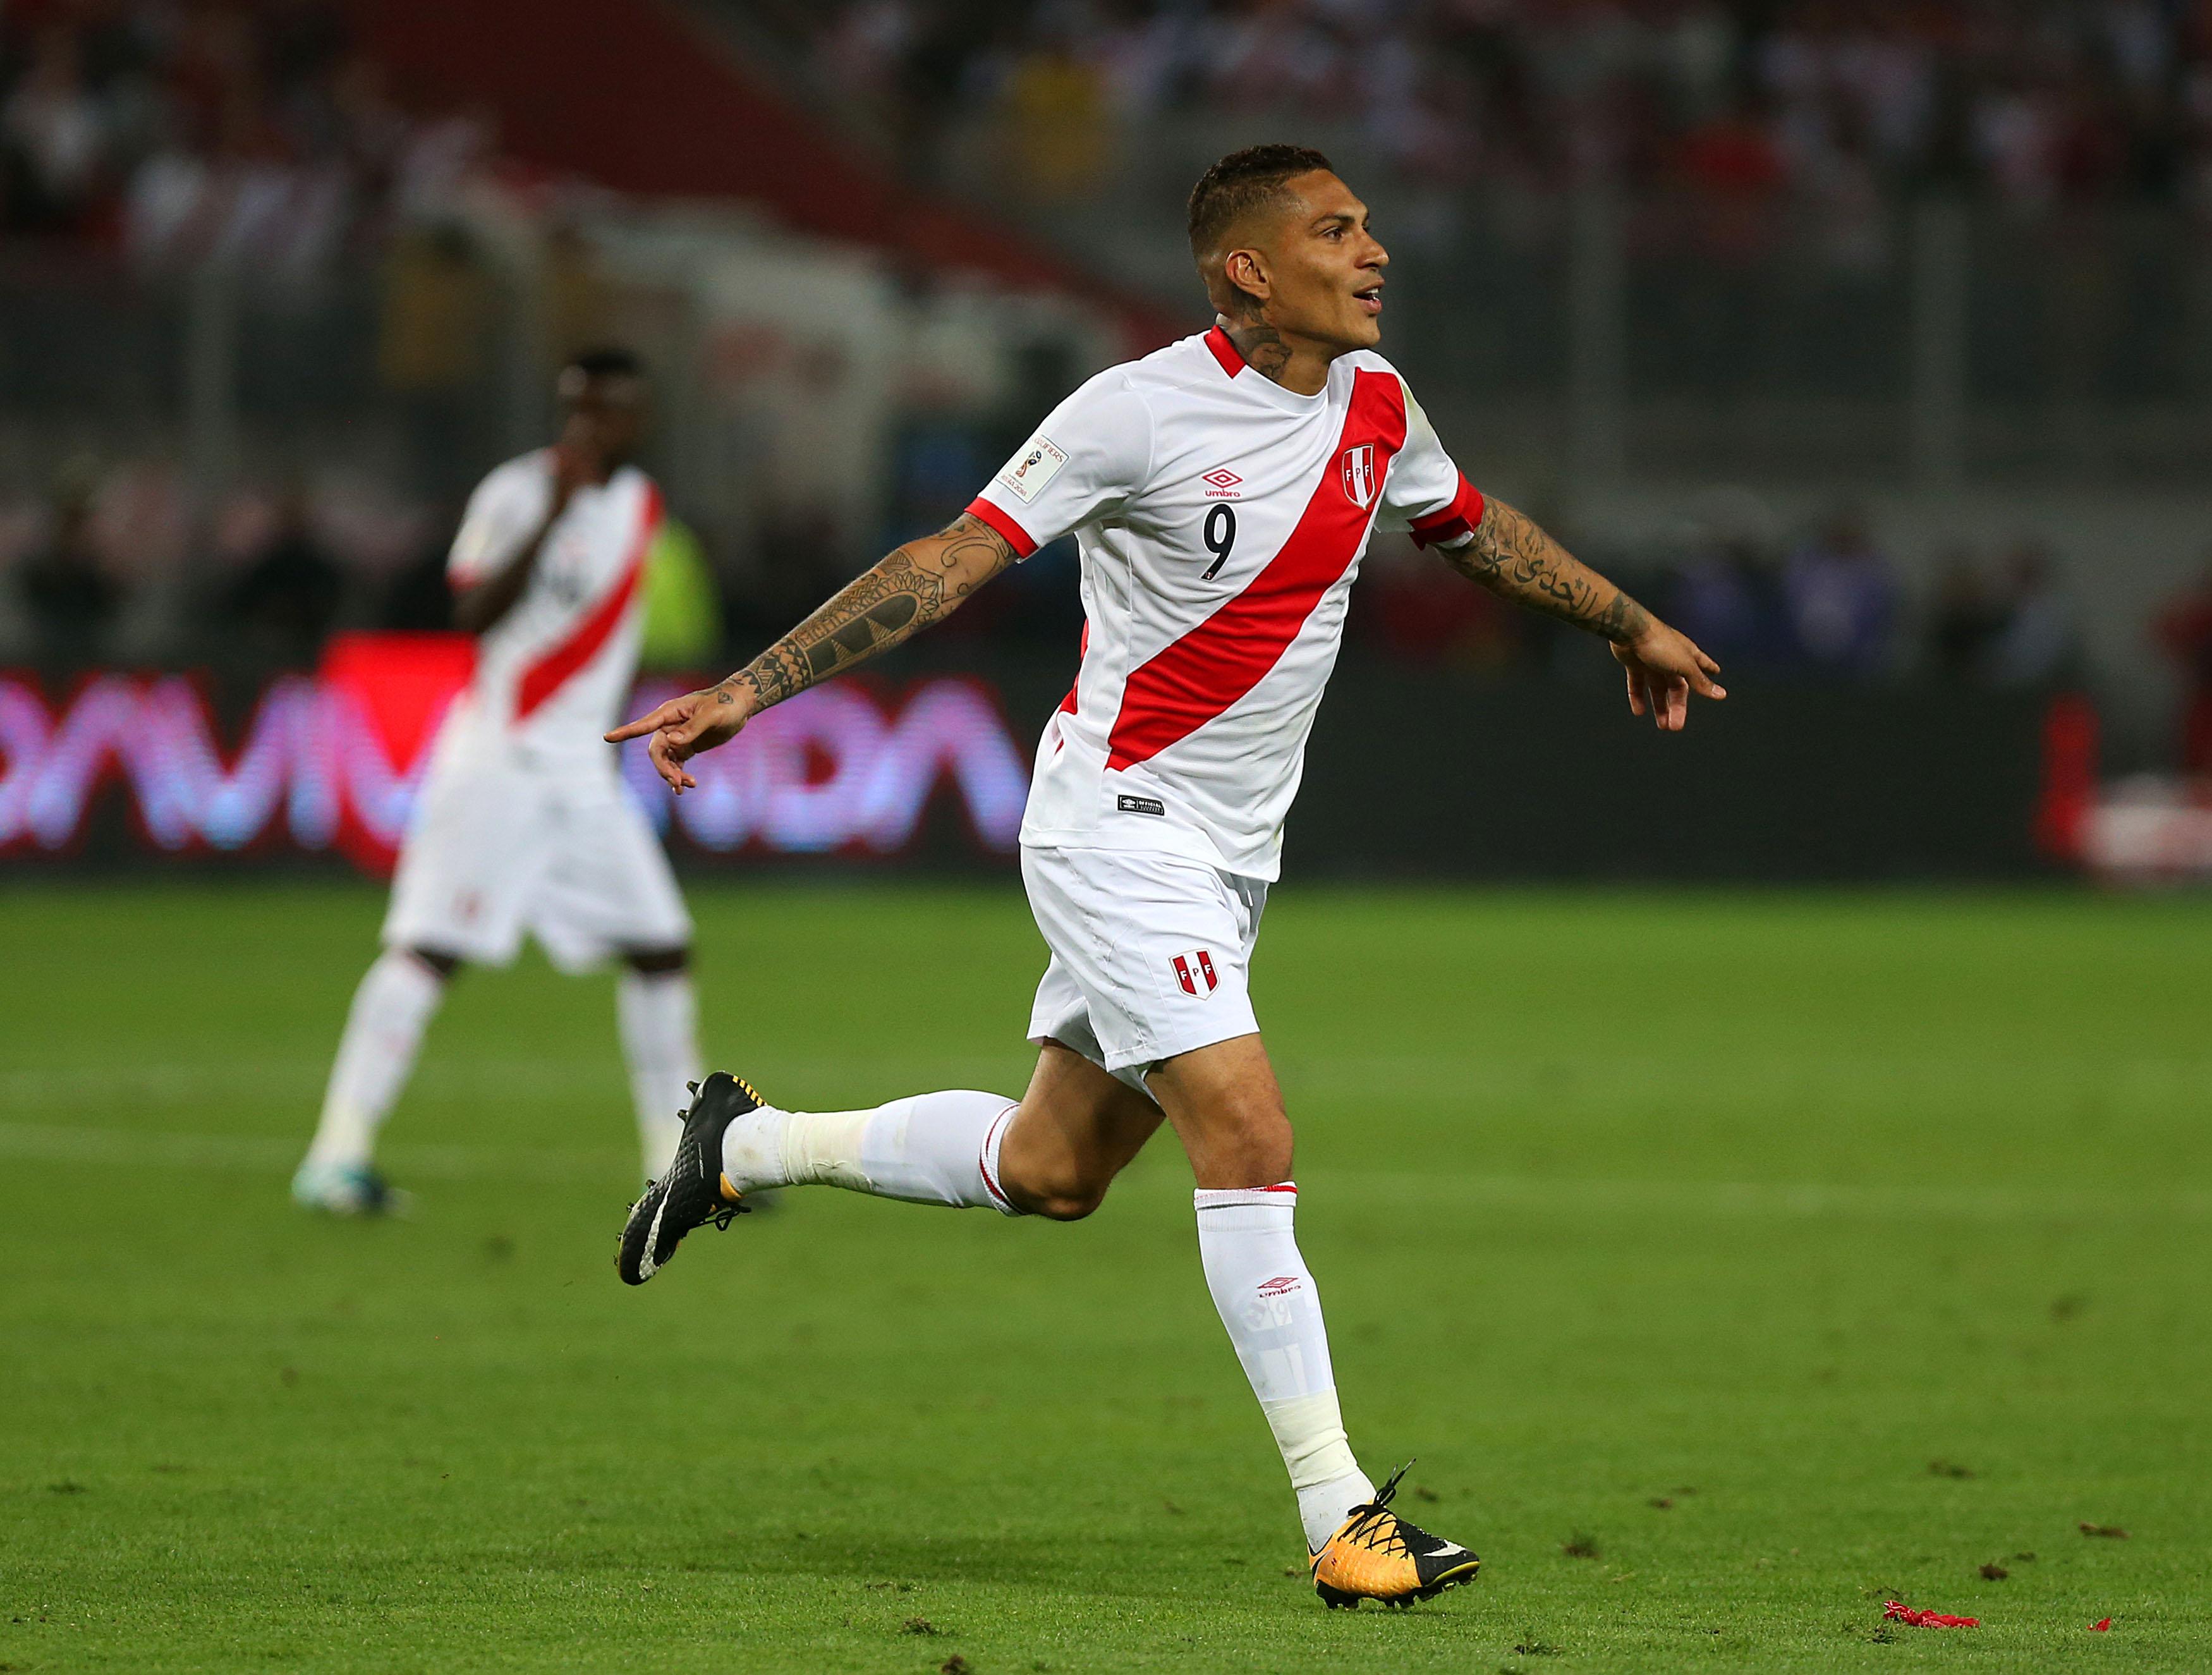 En Vivo | Perú empata 1-1 contra Colombia en el Estadio Nacional